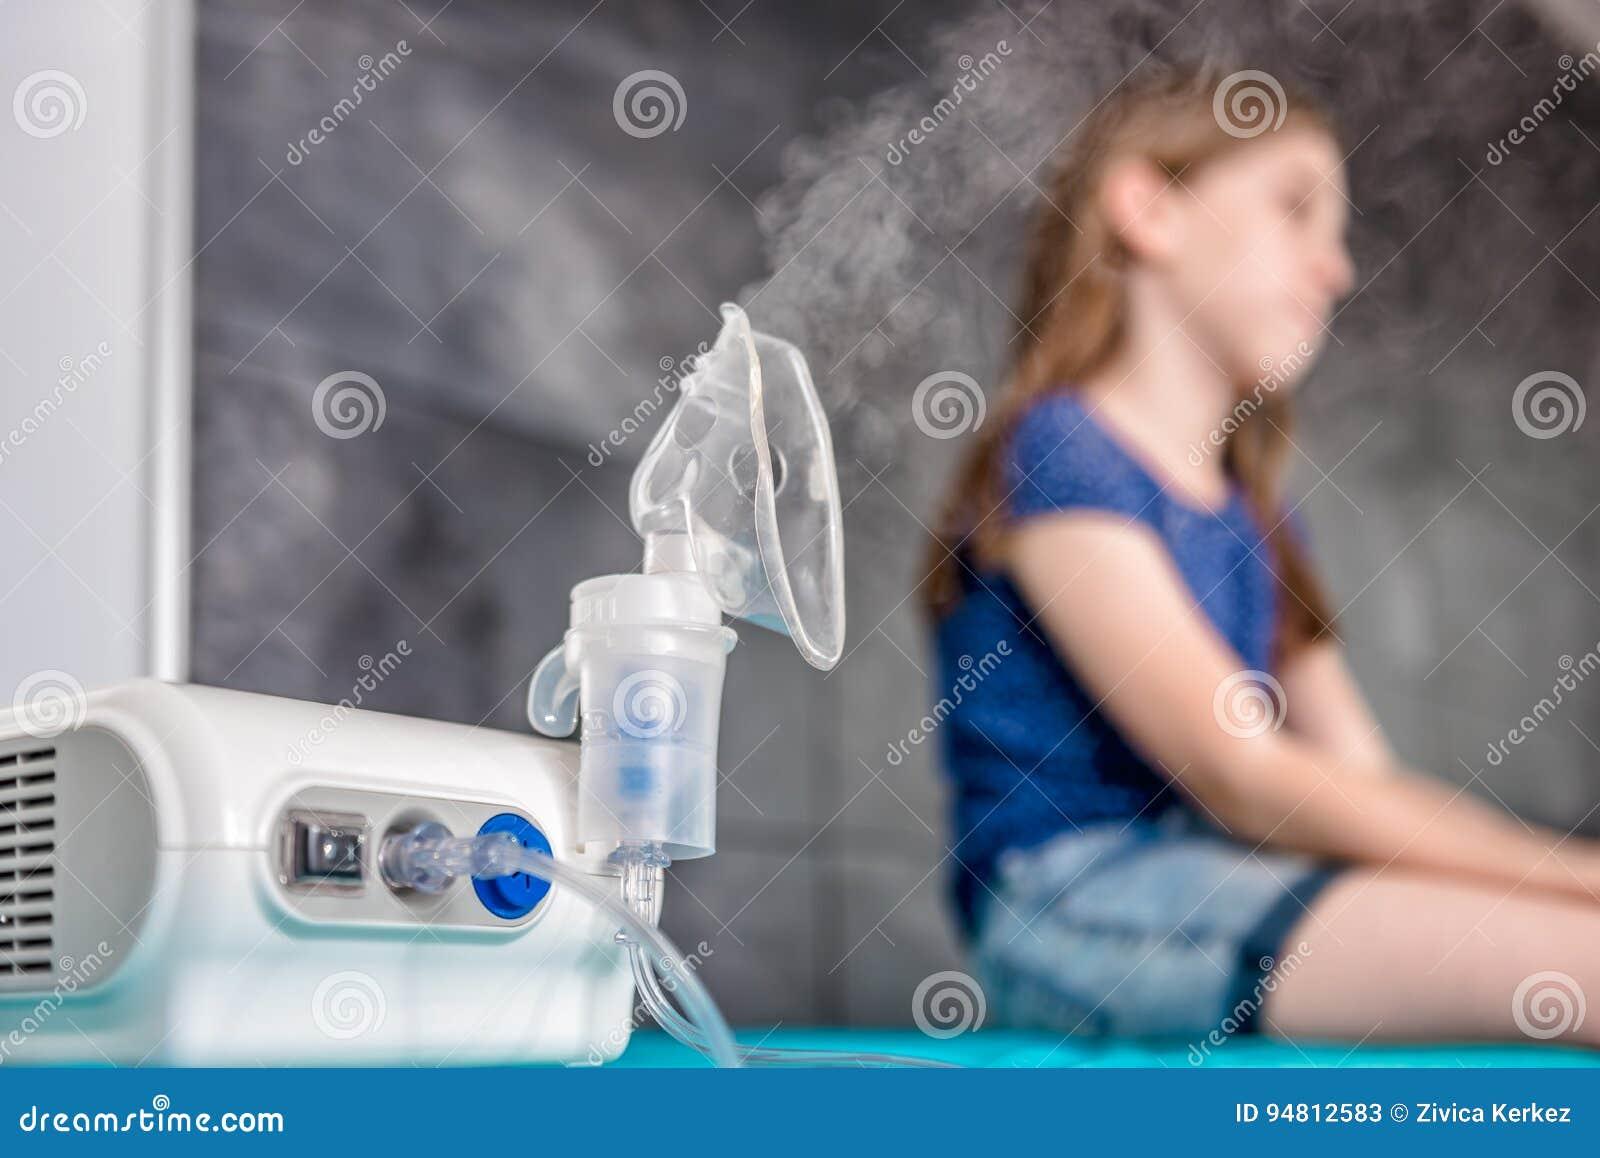 Wartemedizinische Einatmungsbehandlung des kleinen Mädchens mit einem nebu